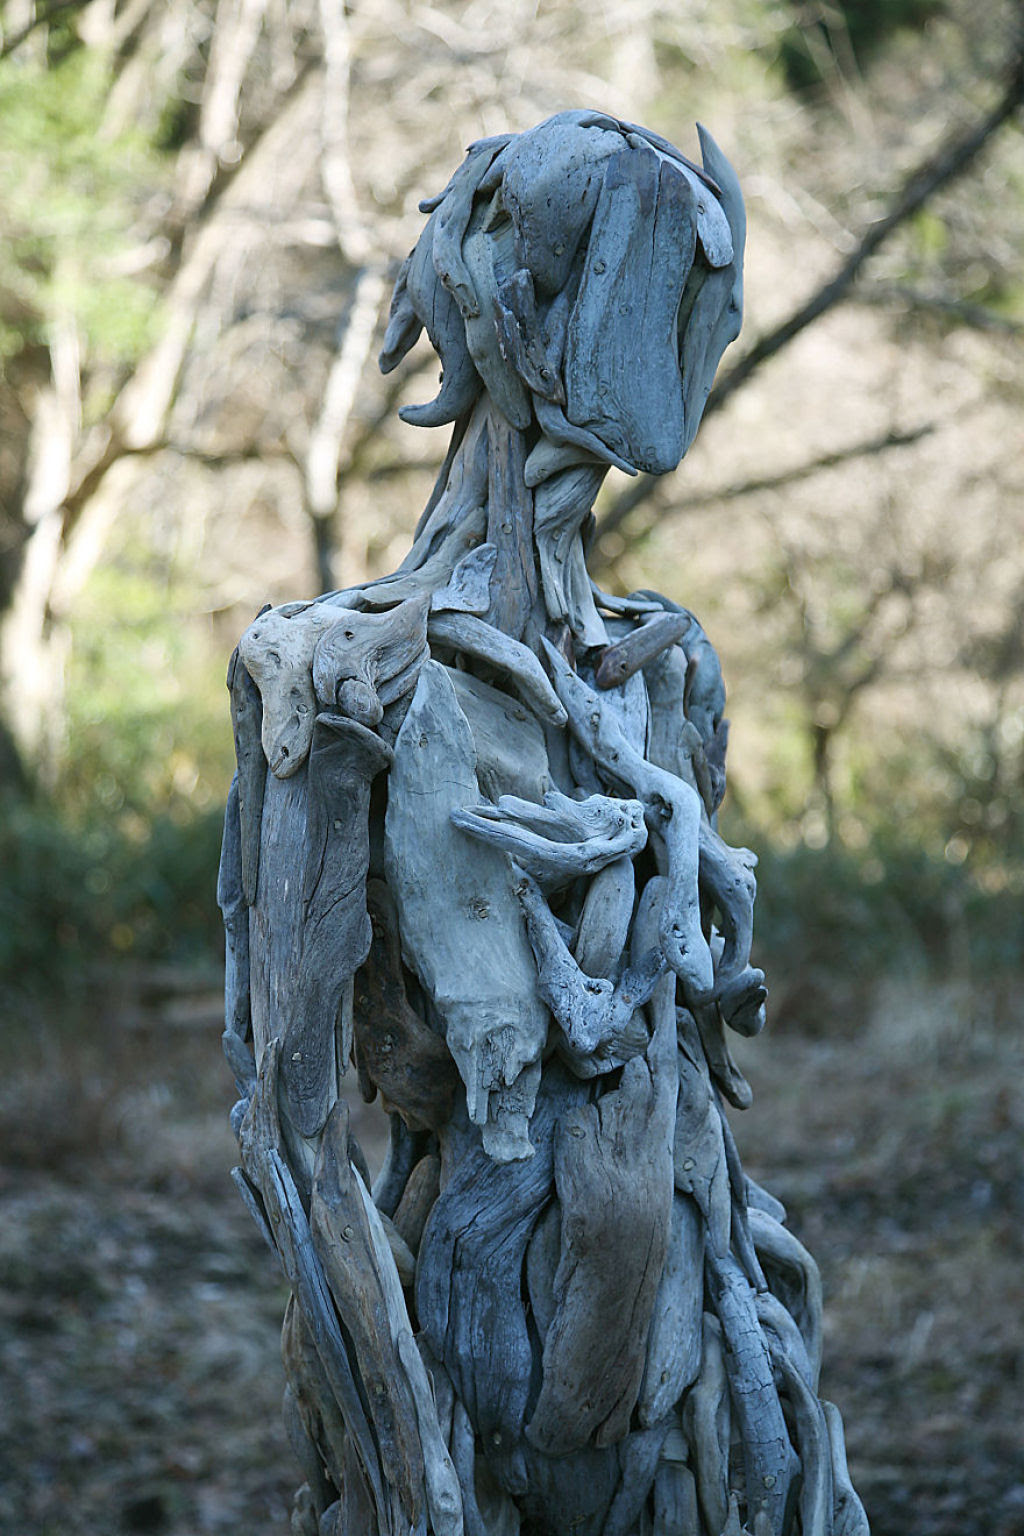 As inquietantes esculturas feitas com detrito de madeira no meio de bosque pelo japonês Nagato Iwasaki 06